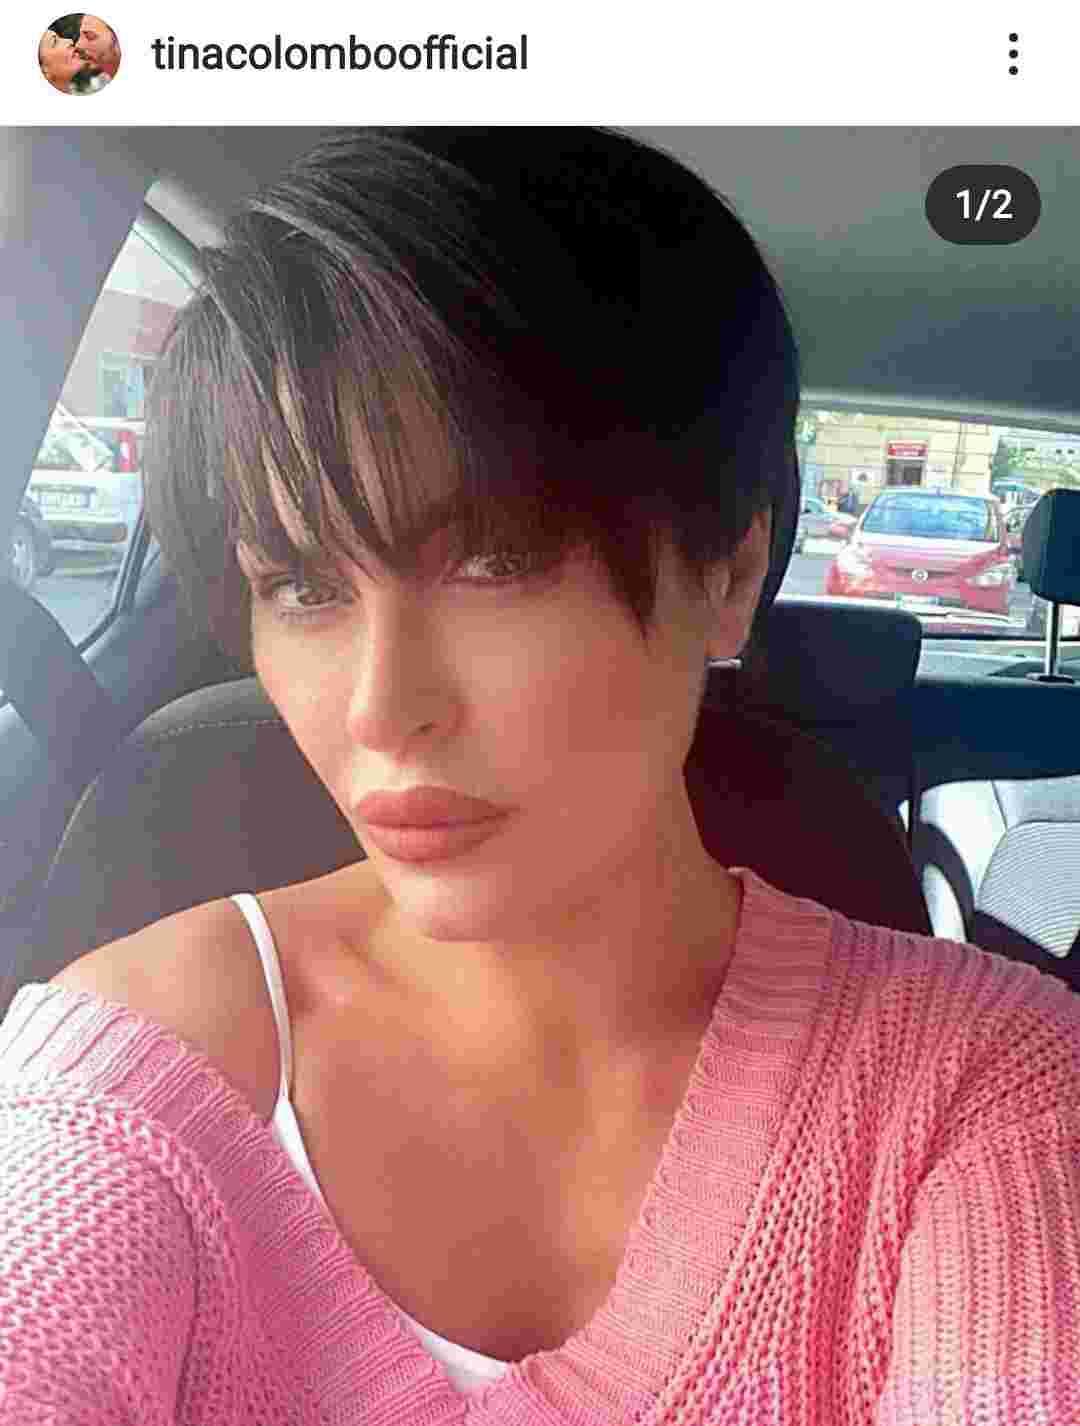 Tina Rispoli in Colombo - Fonte Instagram